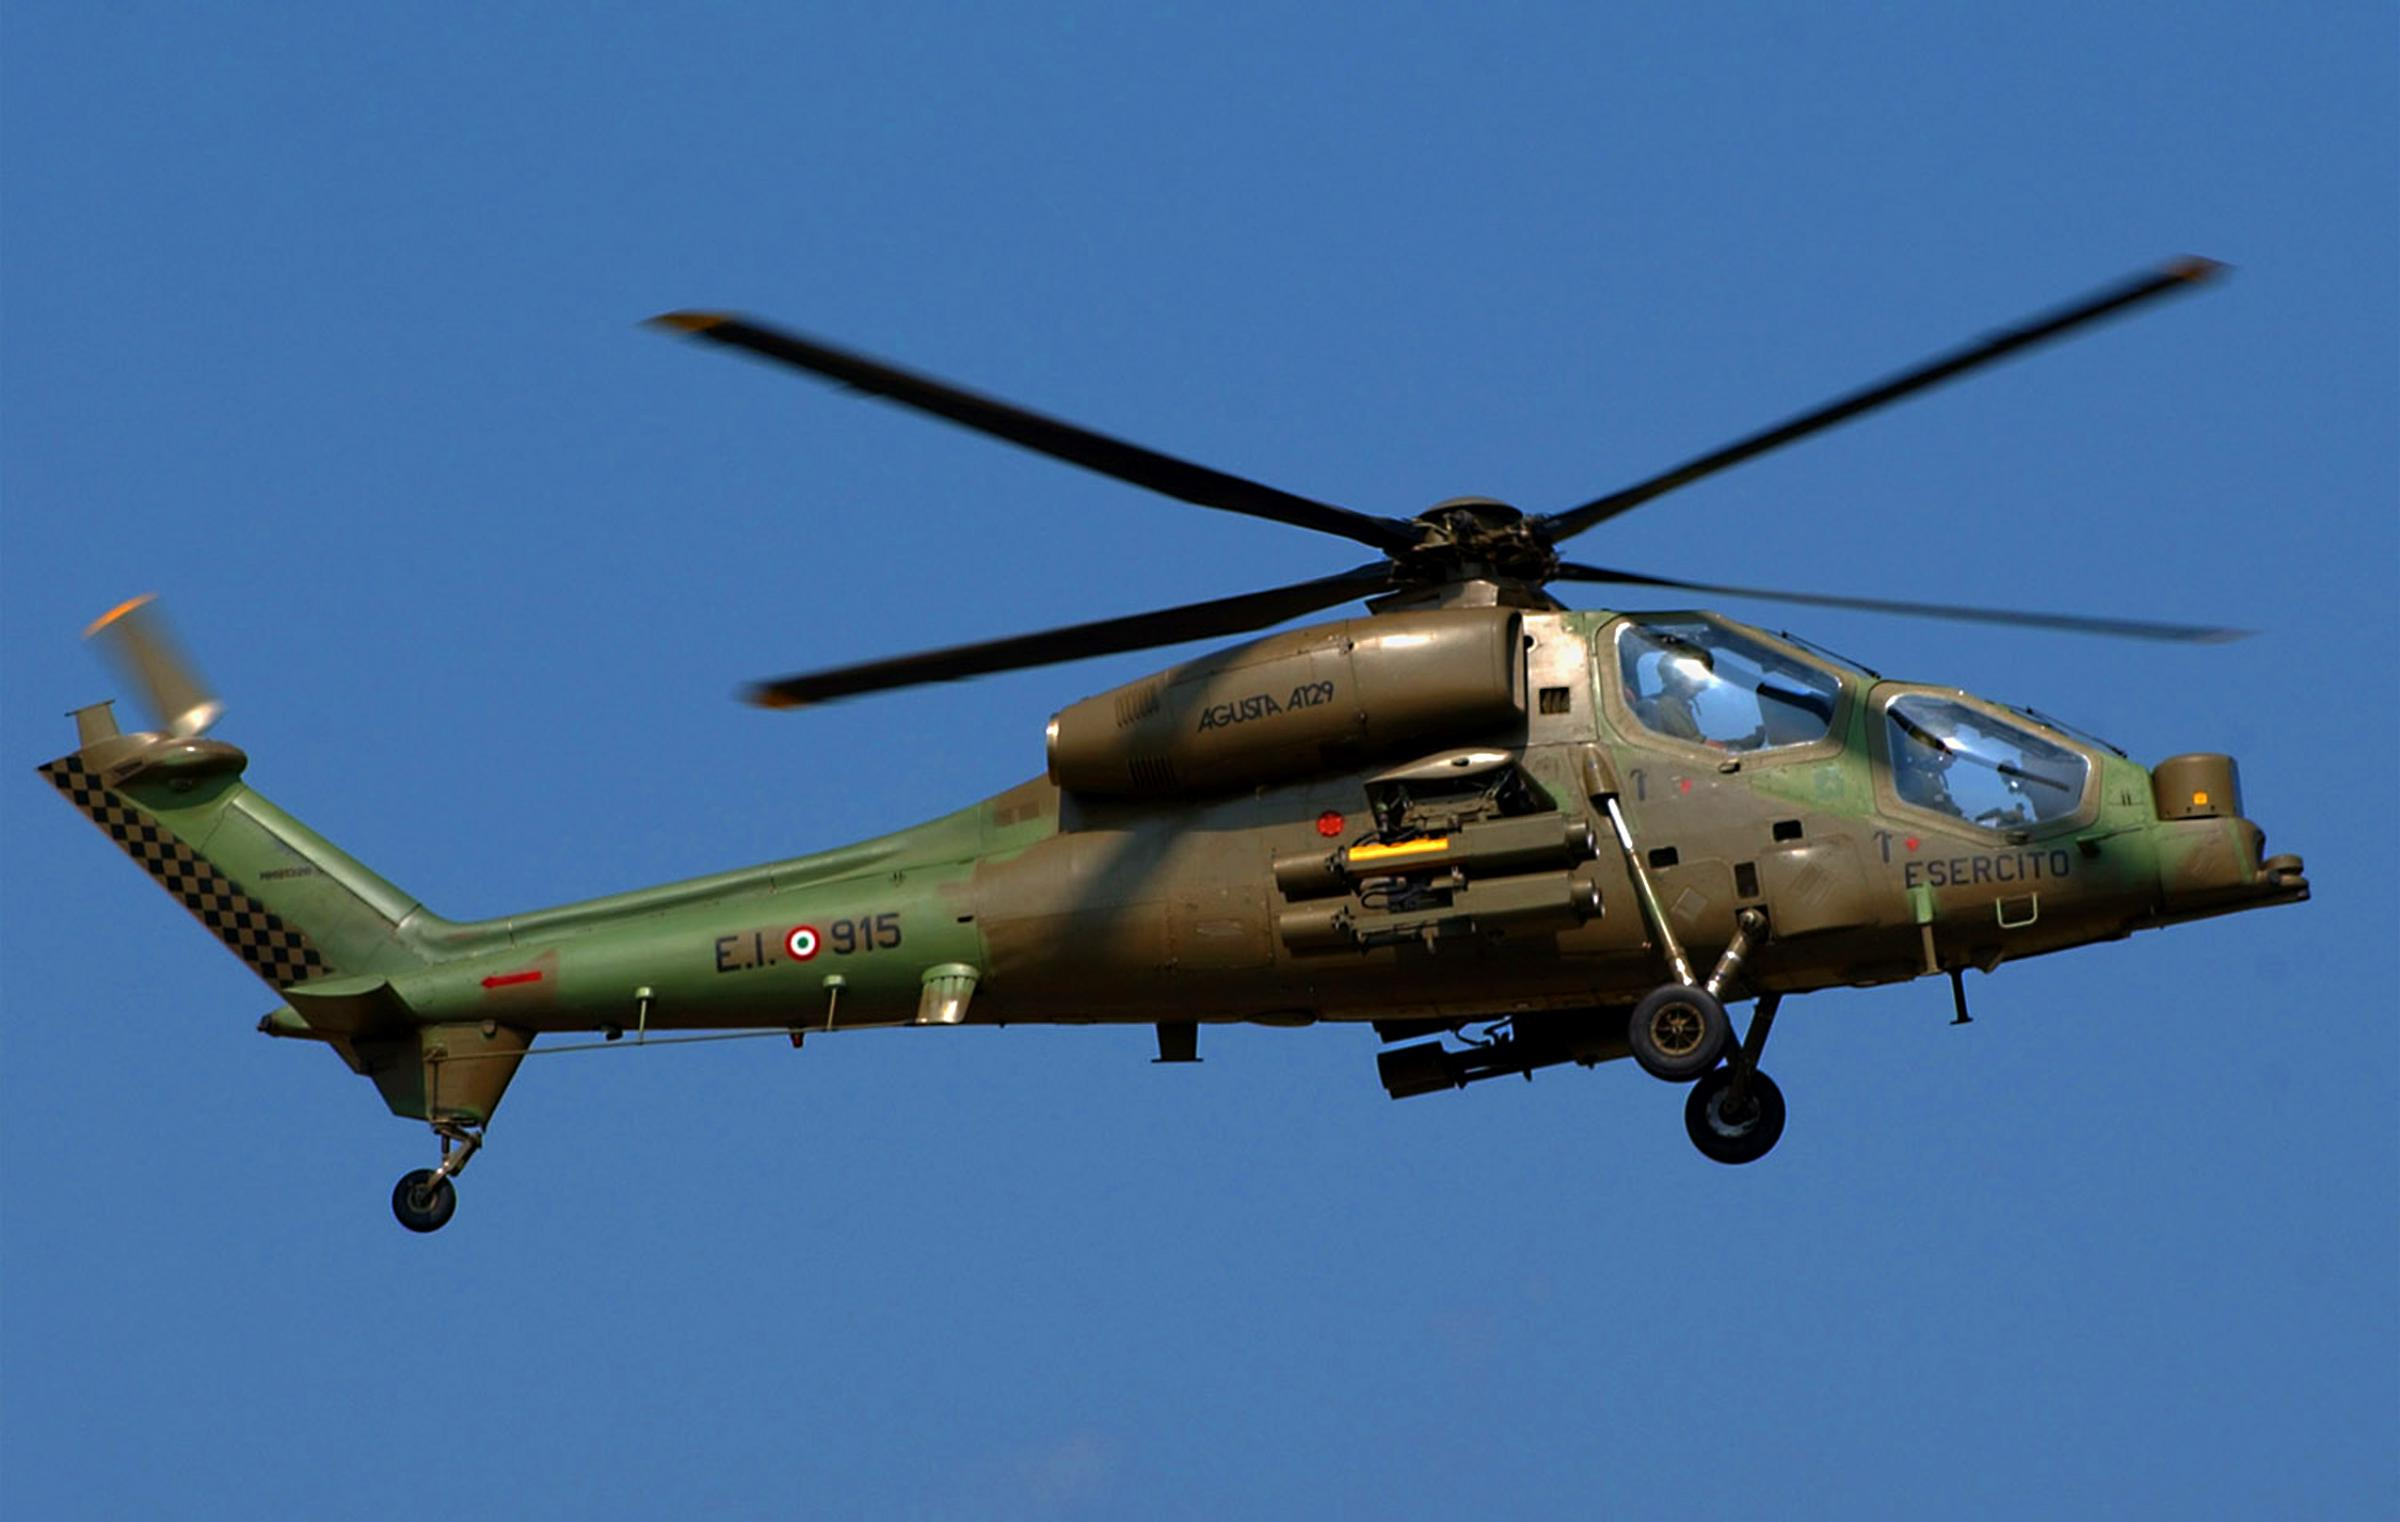 Elicottero Usa : Viterbo precipita elicottero dell esercito due morti